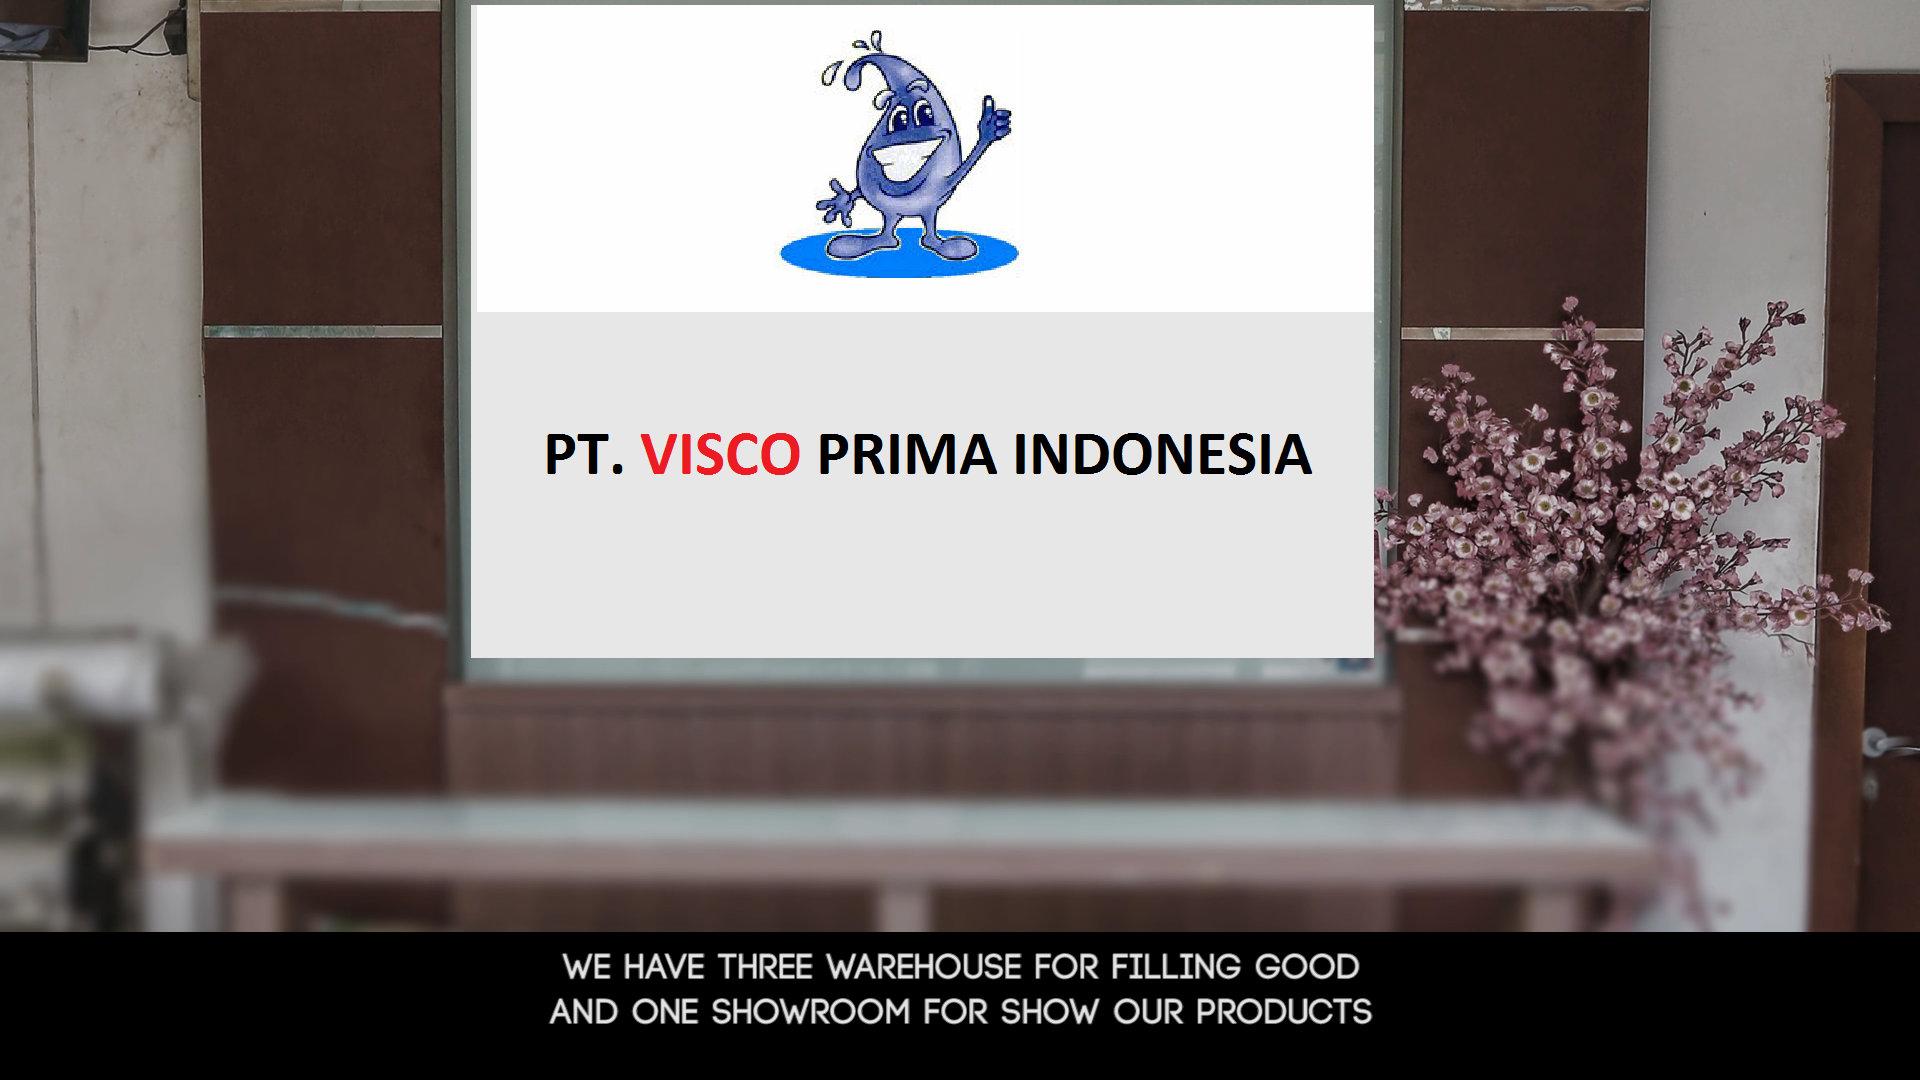 visco prima indonesia